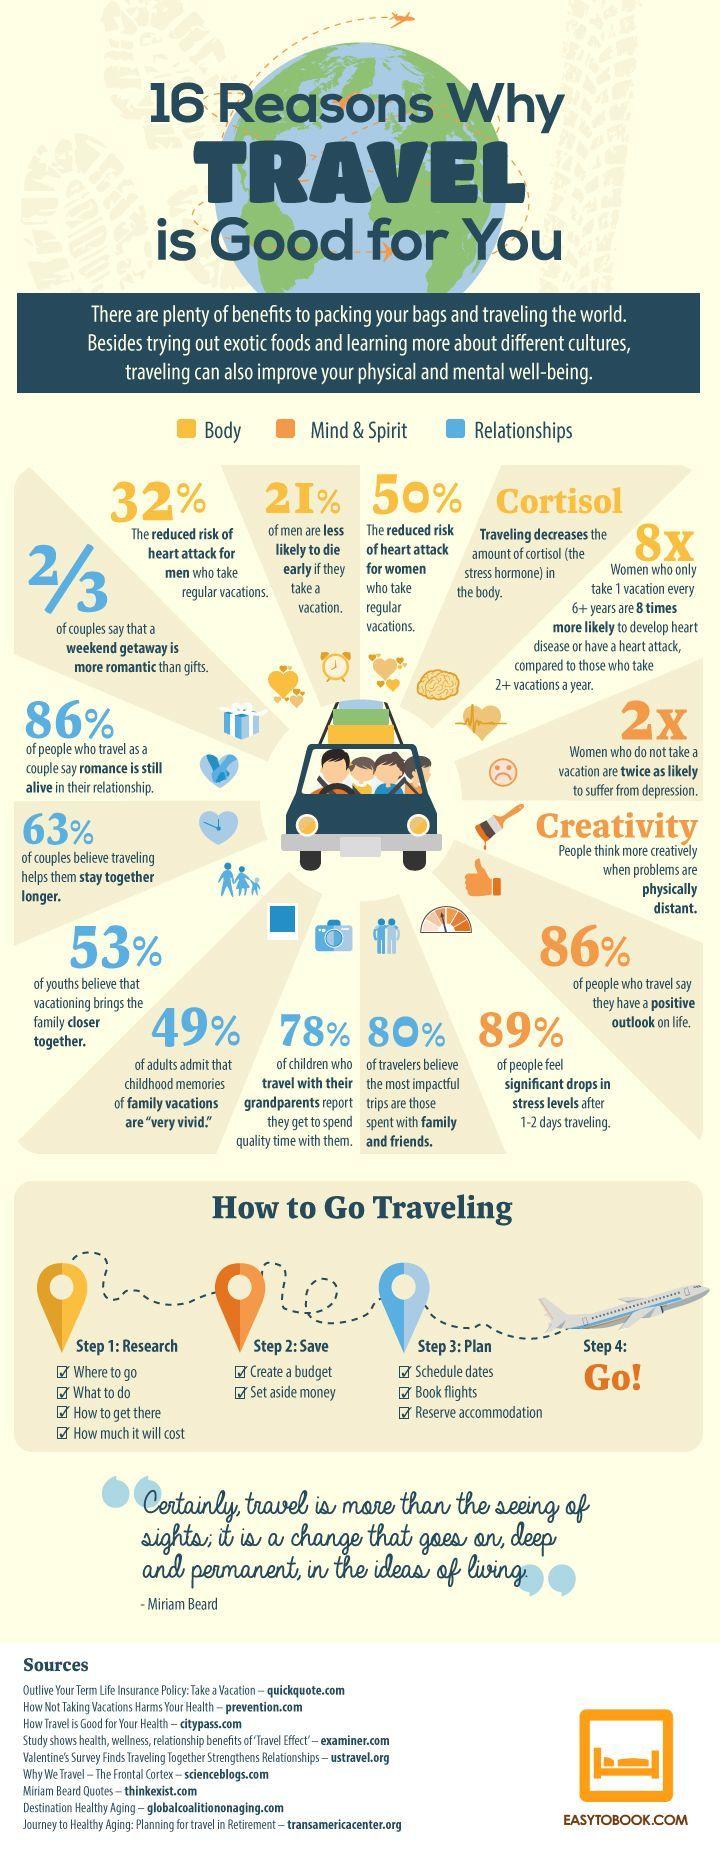 Top 5 reasons people travel